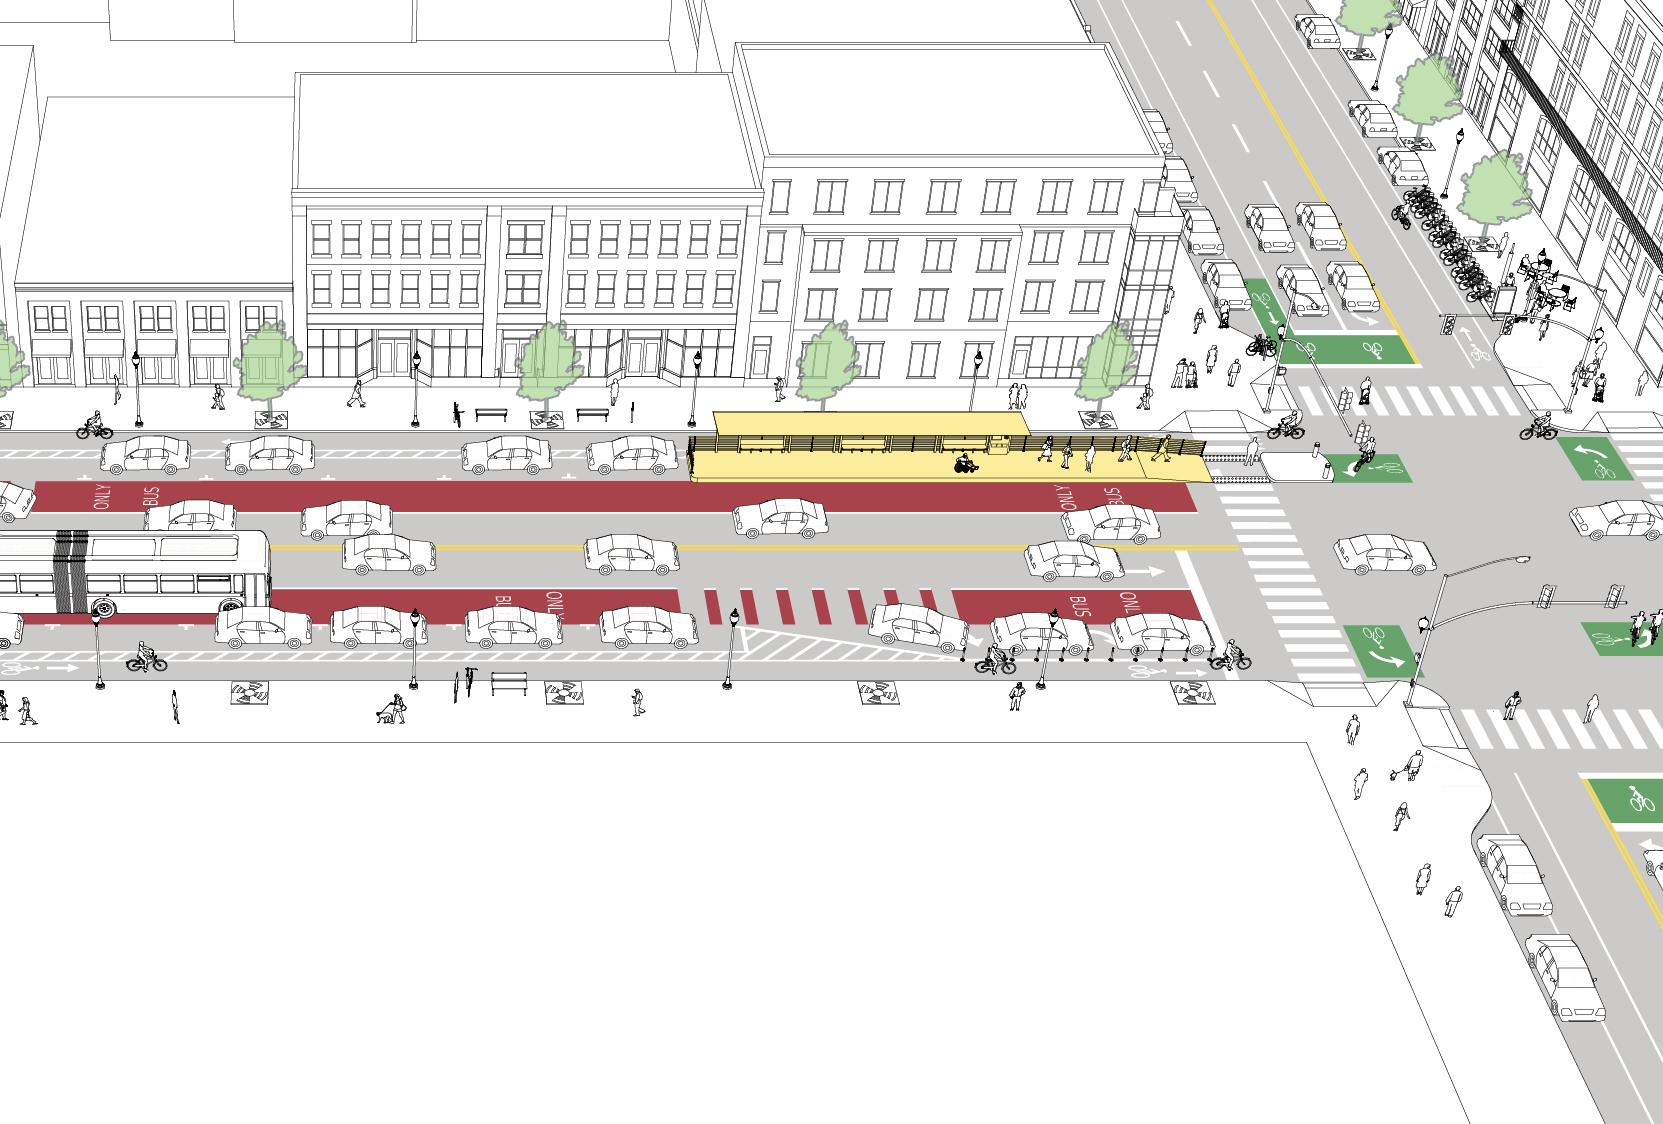 offset bus lane street